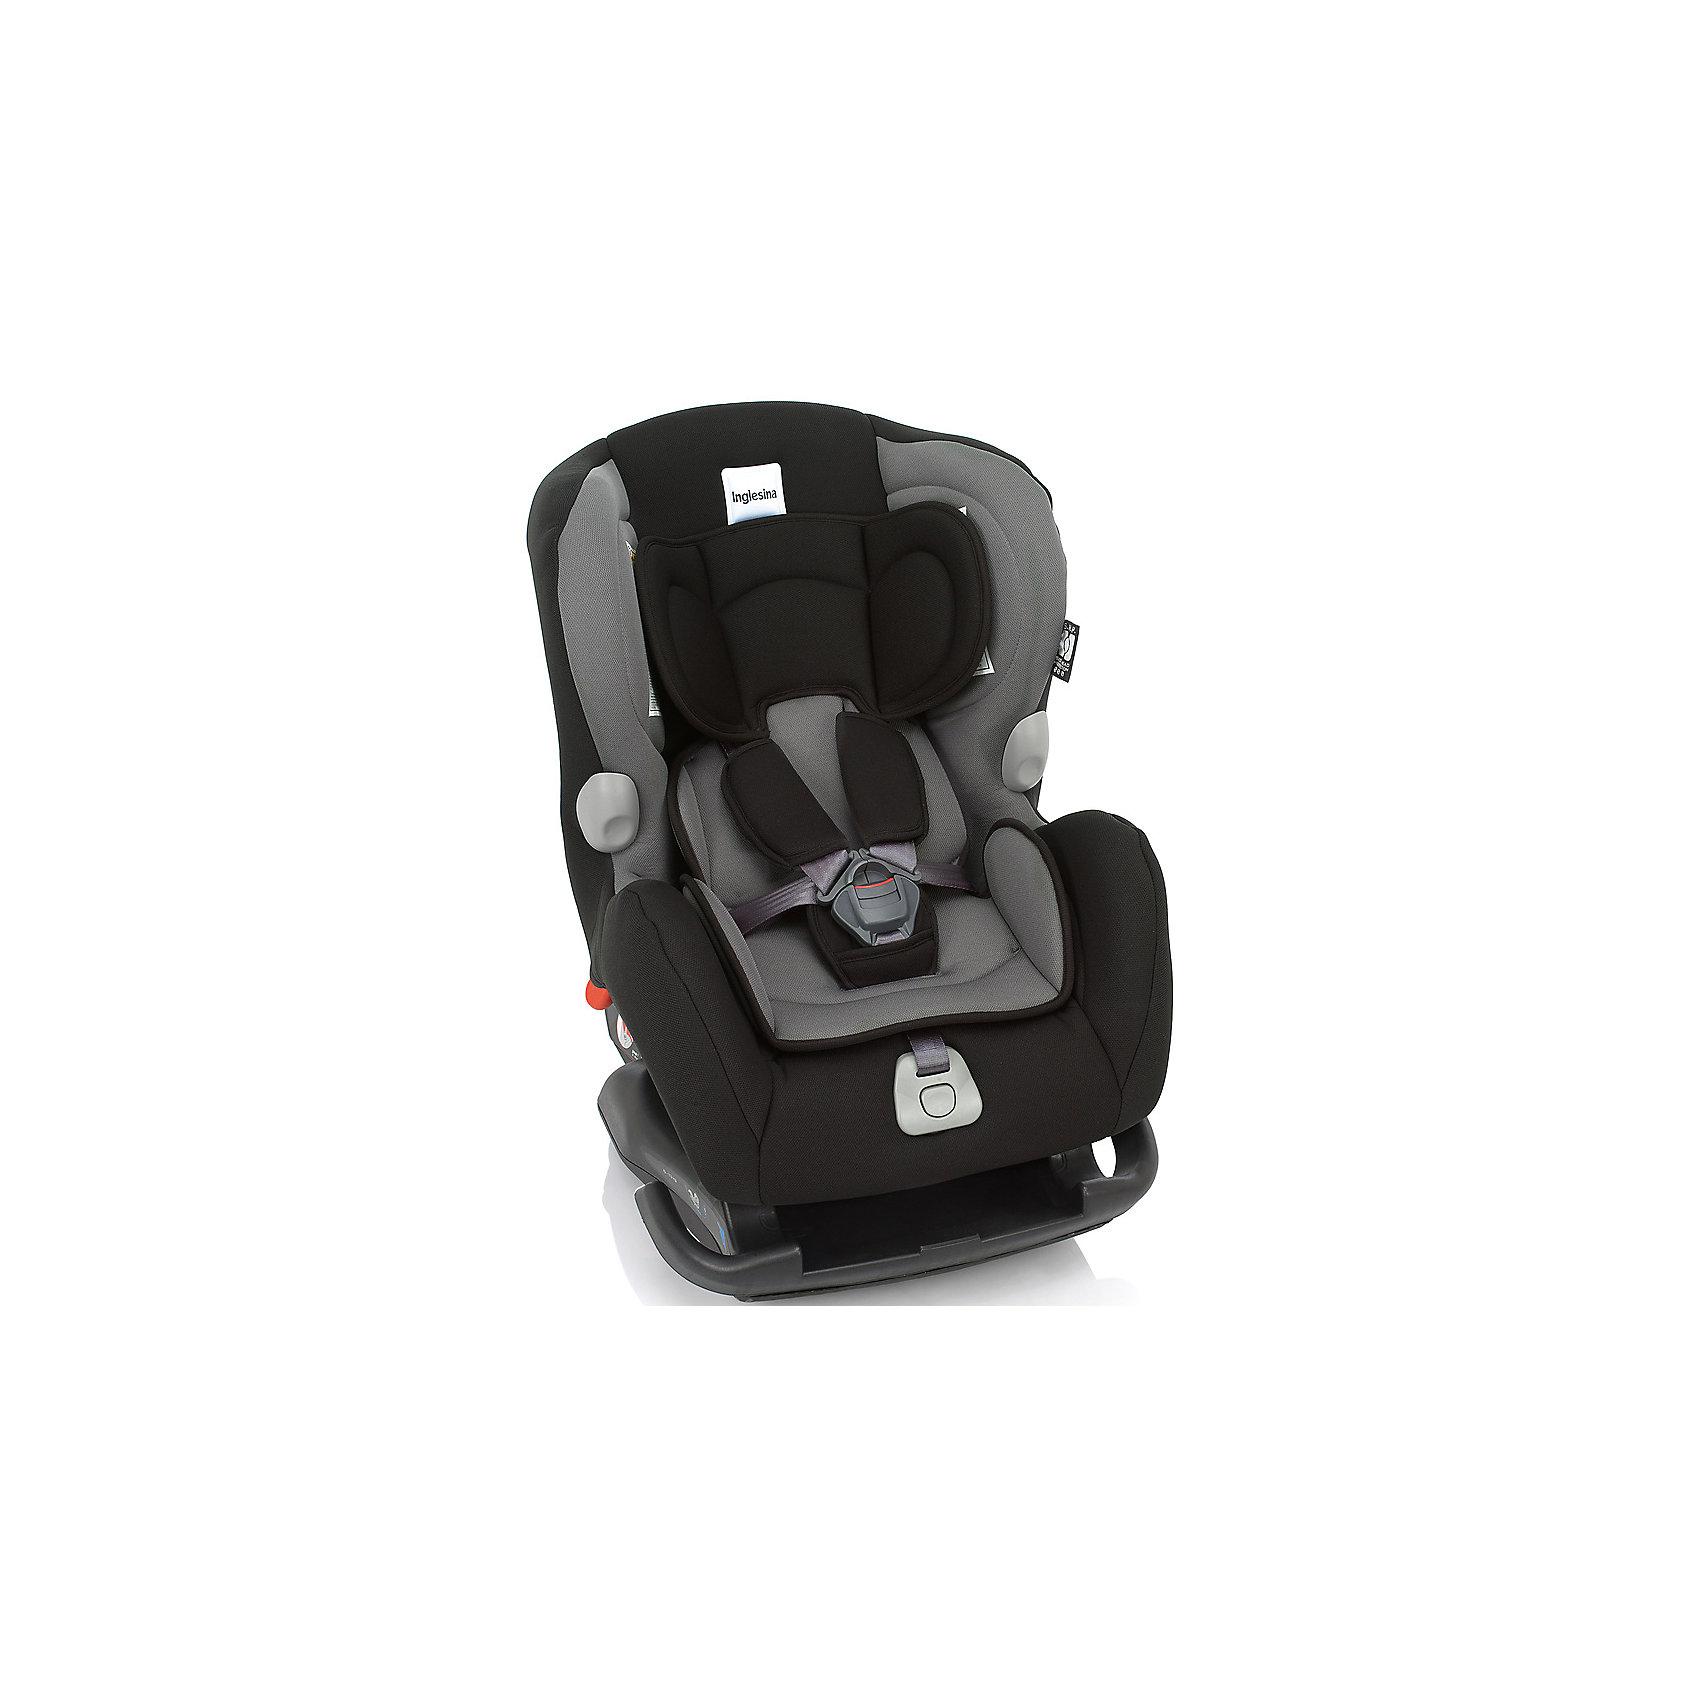 Автокресло Inglesina Marco Polo 0-18 кг, BlackГруппа 0+, 1 (До 18 кг)<br>Автокресло Marco Polo - прекрасный вариант для малышей, с ним поездки в автомобиле всегда будут безопасными и комфортными. Технология Side Head Protection защитит малышей от боковых ударов. Модель имеет подушку для поддержки головы из дышащего материала для новорожденных детей и шесть режимов наклона сиденья для комфортного отдыха во время путешествий. Кресло обладает удобной универсальной конструкцией и приятной на ощупь обивкой. Чехлы сшиты из практичной и прочной ткани. Их можно снимать и стирать в режиме деликатной стирки. Модель предусматривает уютный вкладыш для малышей с пятиточечными ремнями безопасности с мягкими накладками.  <br><br>Дополнительная информация:<br><br>- Материал: текстиль, пластик, металл.<br>- Размер: 58х44х65 см.<br>- Вес: 6 кг.<br>- Группа 0+/1 (до 18 кг).<br>- Устанавливается по ходу и против хода движения. <br>- Пятиточечные ремни безопасности с мягкими накладками.<br>- Мягкий вкладыш. <br>- Крепится в автомобиле с помощью штатных ремней.<br>- Регулировка наклона спинки в 6 положениях.<br><br>Автокресло Marco Polo 0-18 кг., Inglesina (Инглезина), Black, можно купить в нашем магазине.<br><br>Ширина мм: 585<br>Глубина мм: 470<br>Высота мм: 605<br>Вес г: 10800<br>Возраст от месяцев: 0<br>Возраст до месяцев: 48<br>Пол: Унисекс<br>Возраст: Детский<br>SKU: 4764255